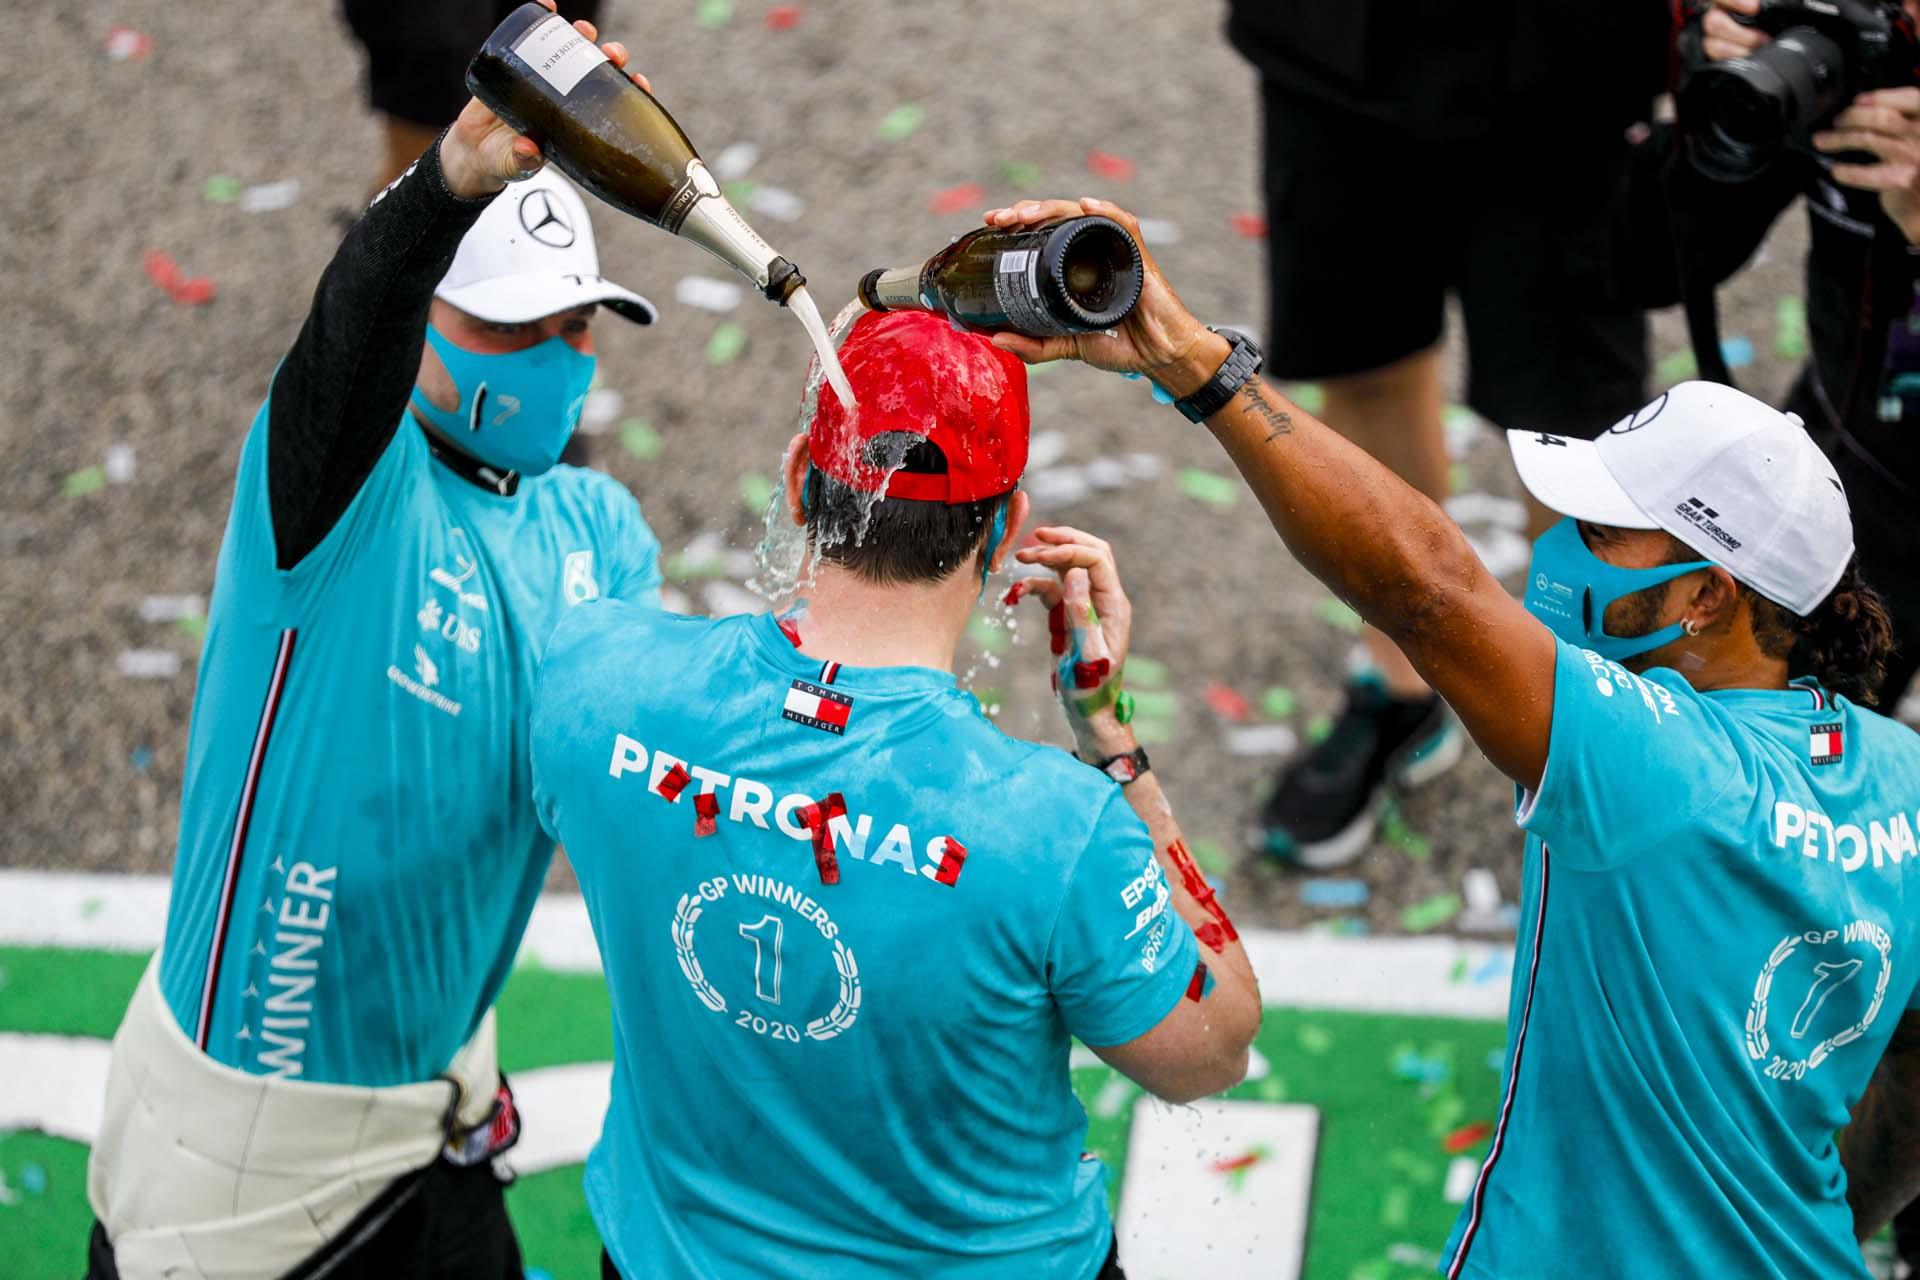 2020 Emilia Romagna Grand Prix, Sunday - LAT images